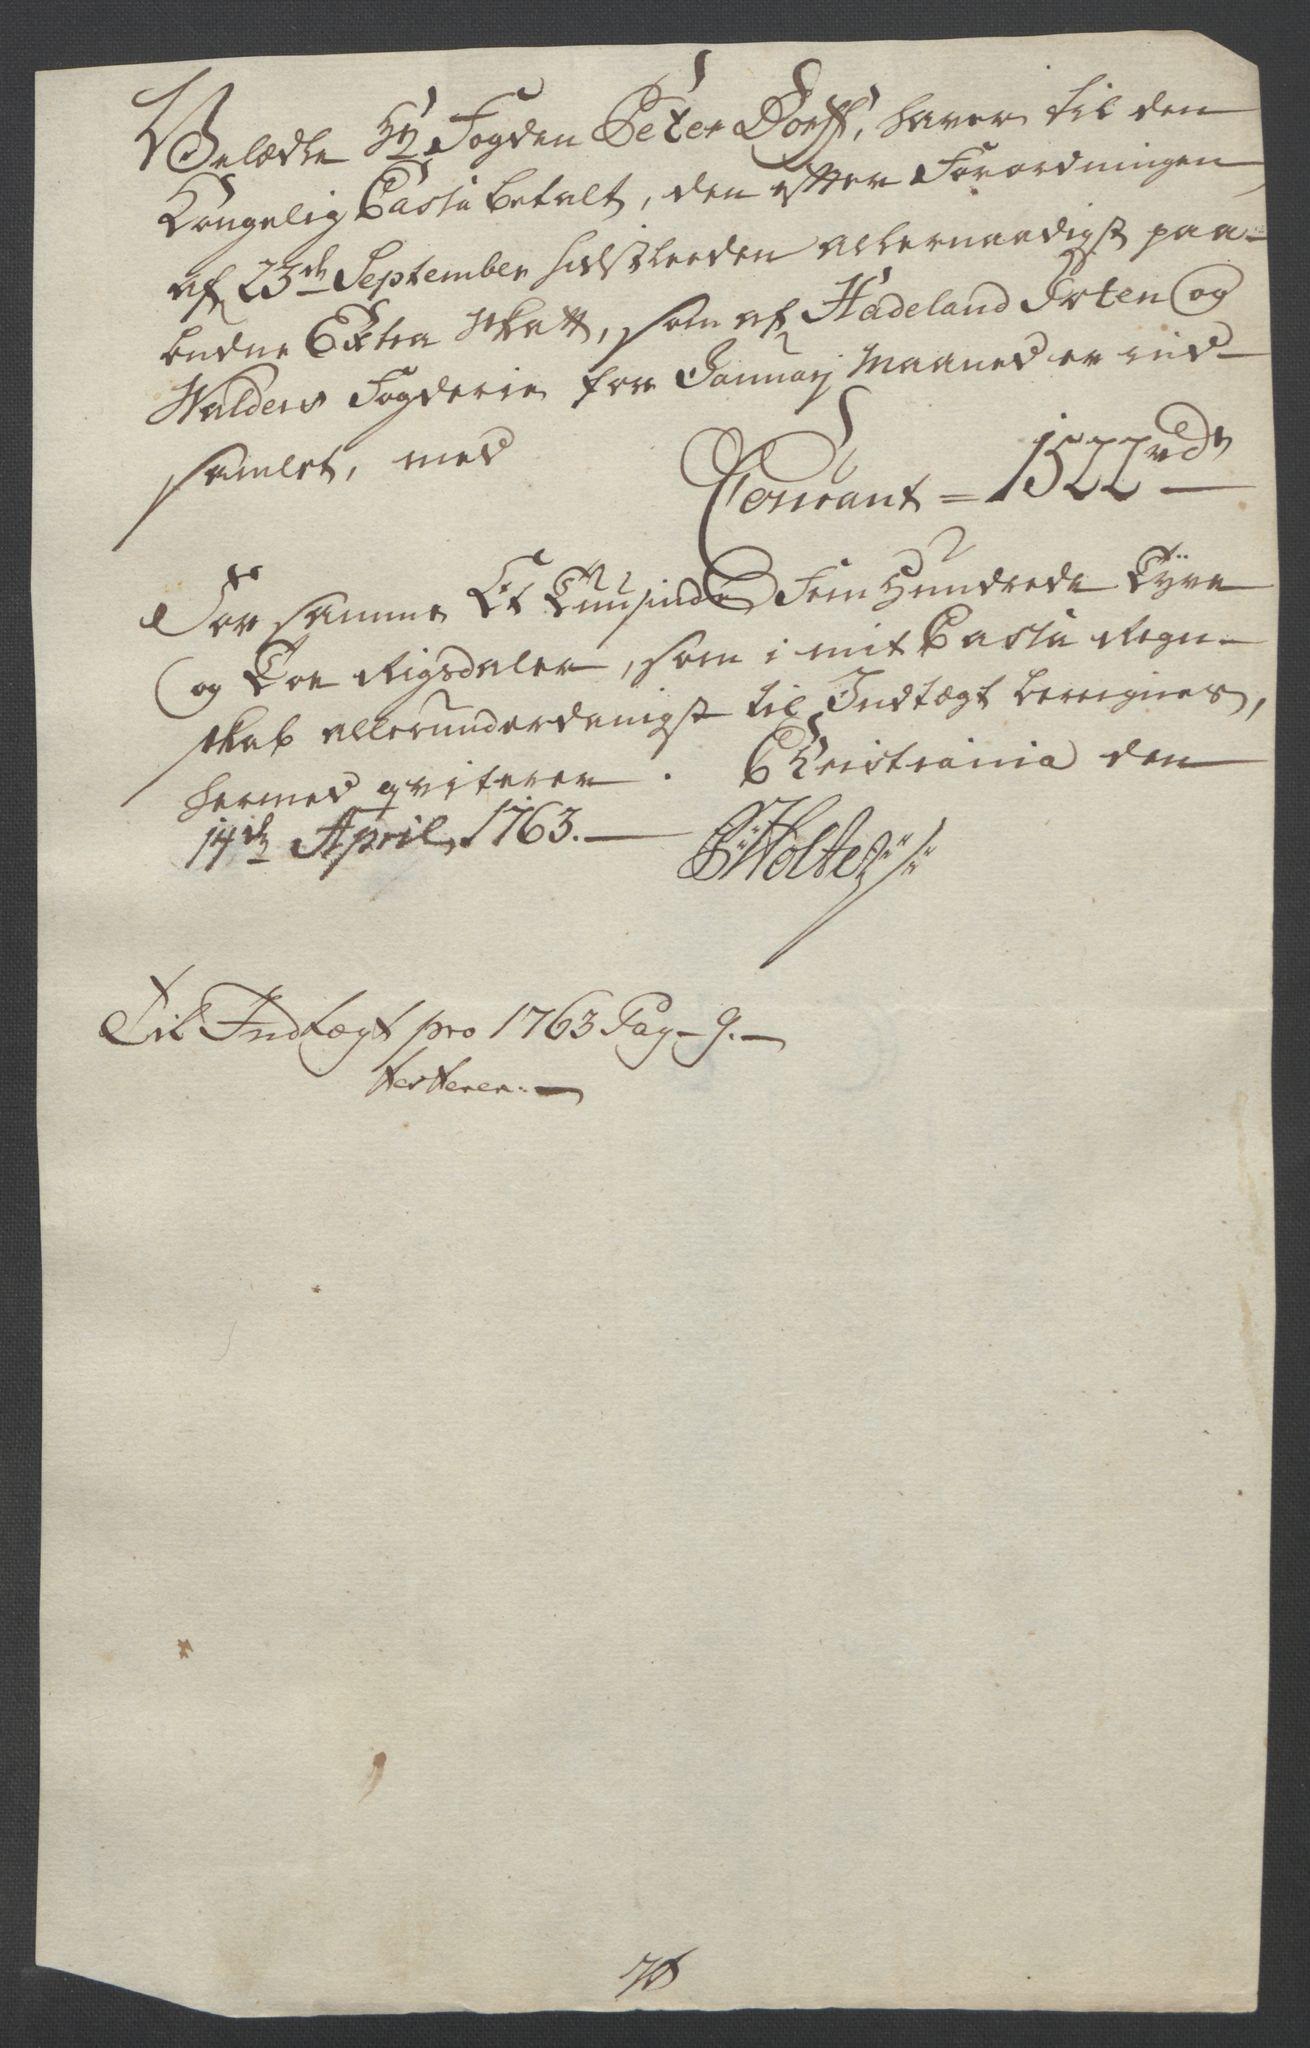 RA, Rentekammeret inntil 1814, Reviderte regnskaper, Fogderegnskap, R19/L1399: Fogderegnskap Toten, Hadeland og Vardal, 1762-1783, s. 35